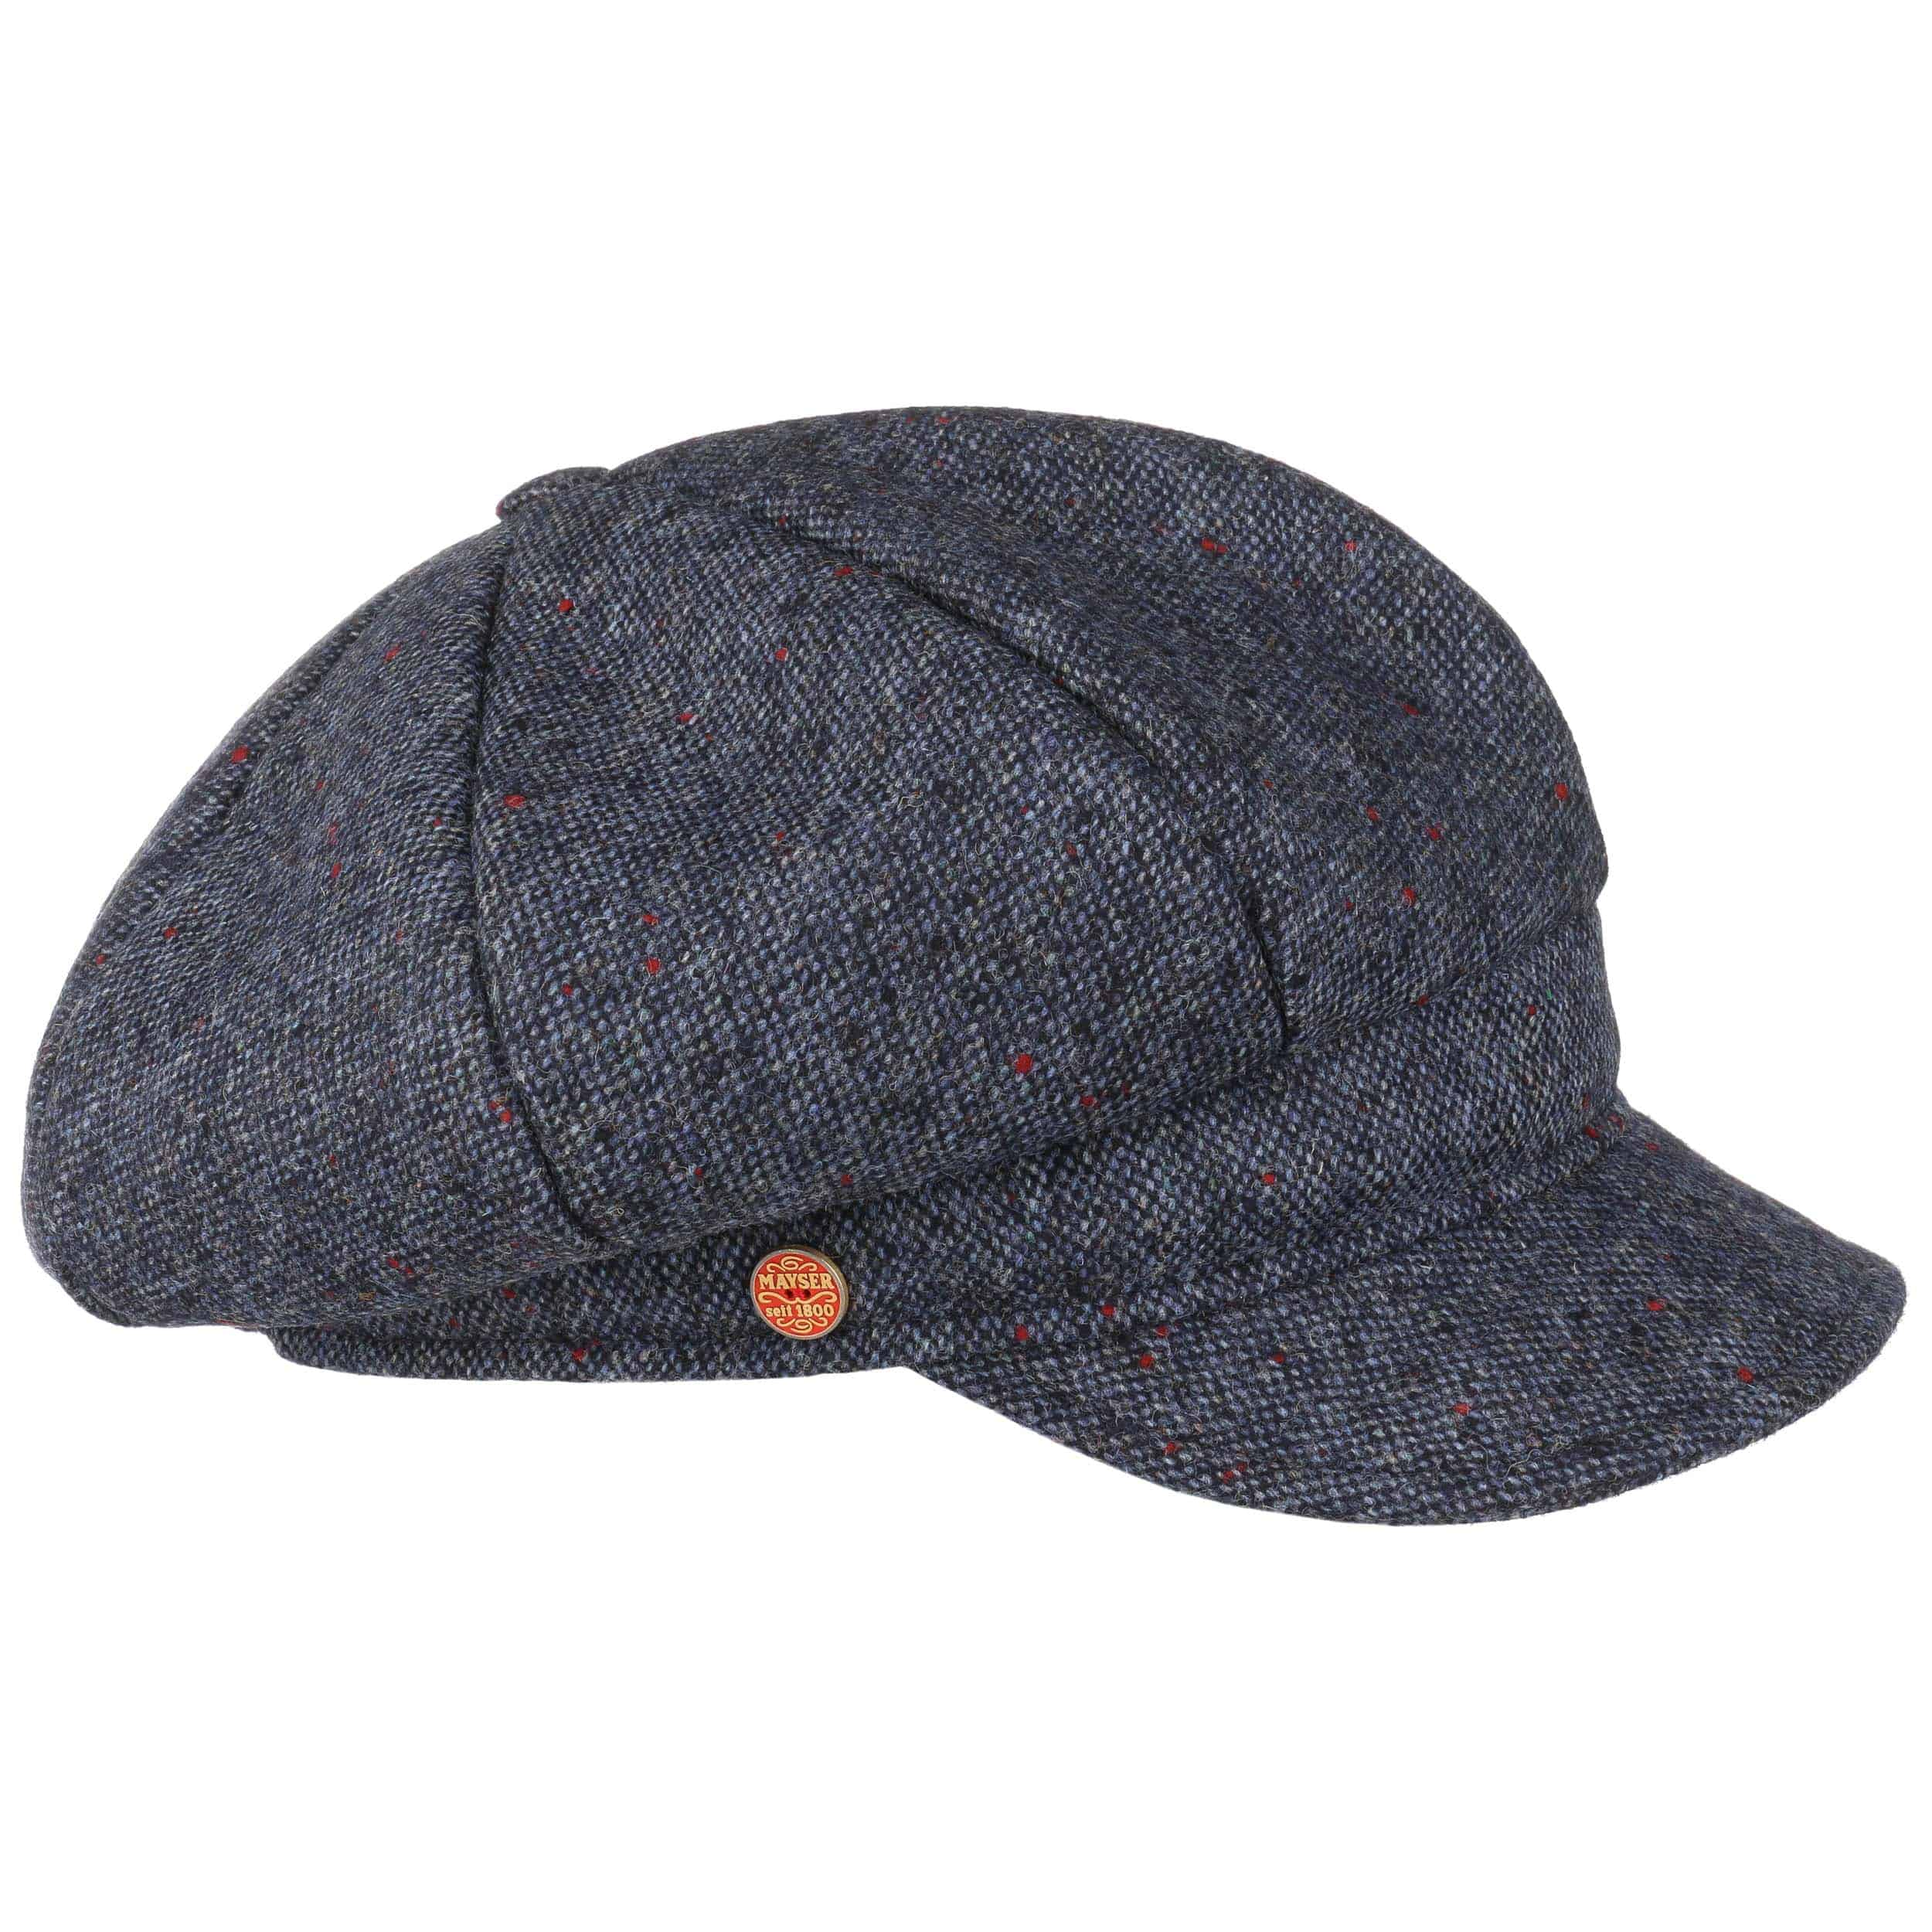 casquette gavroche tweedy by mayser eur 69 95 chapeaux casquettes et bonnets en ligne. Black Bedroom Furniture Sets. Home Design Ideas